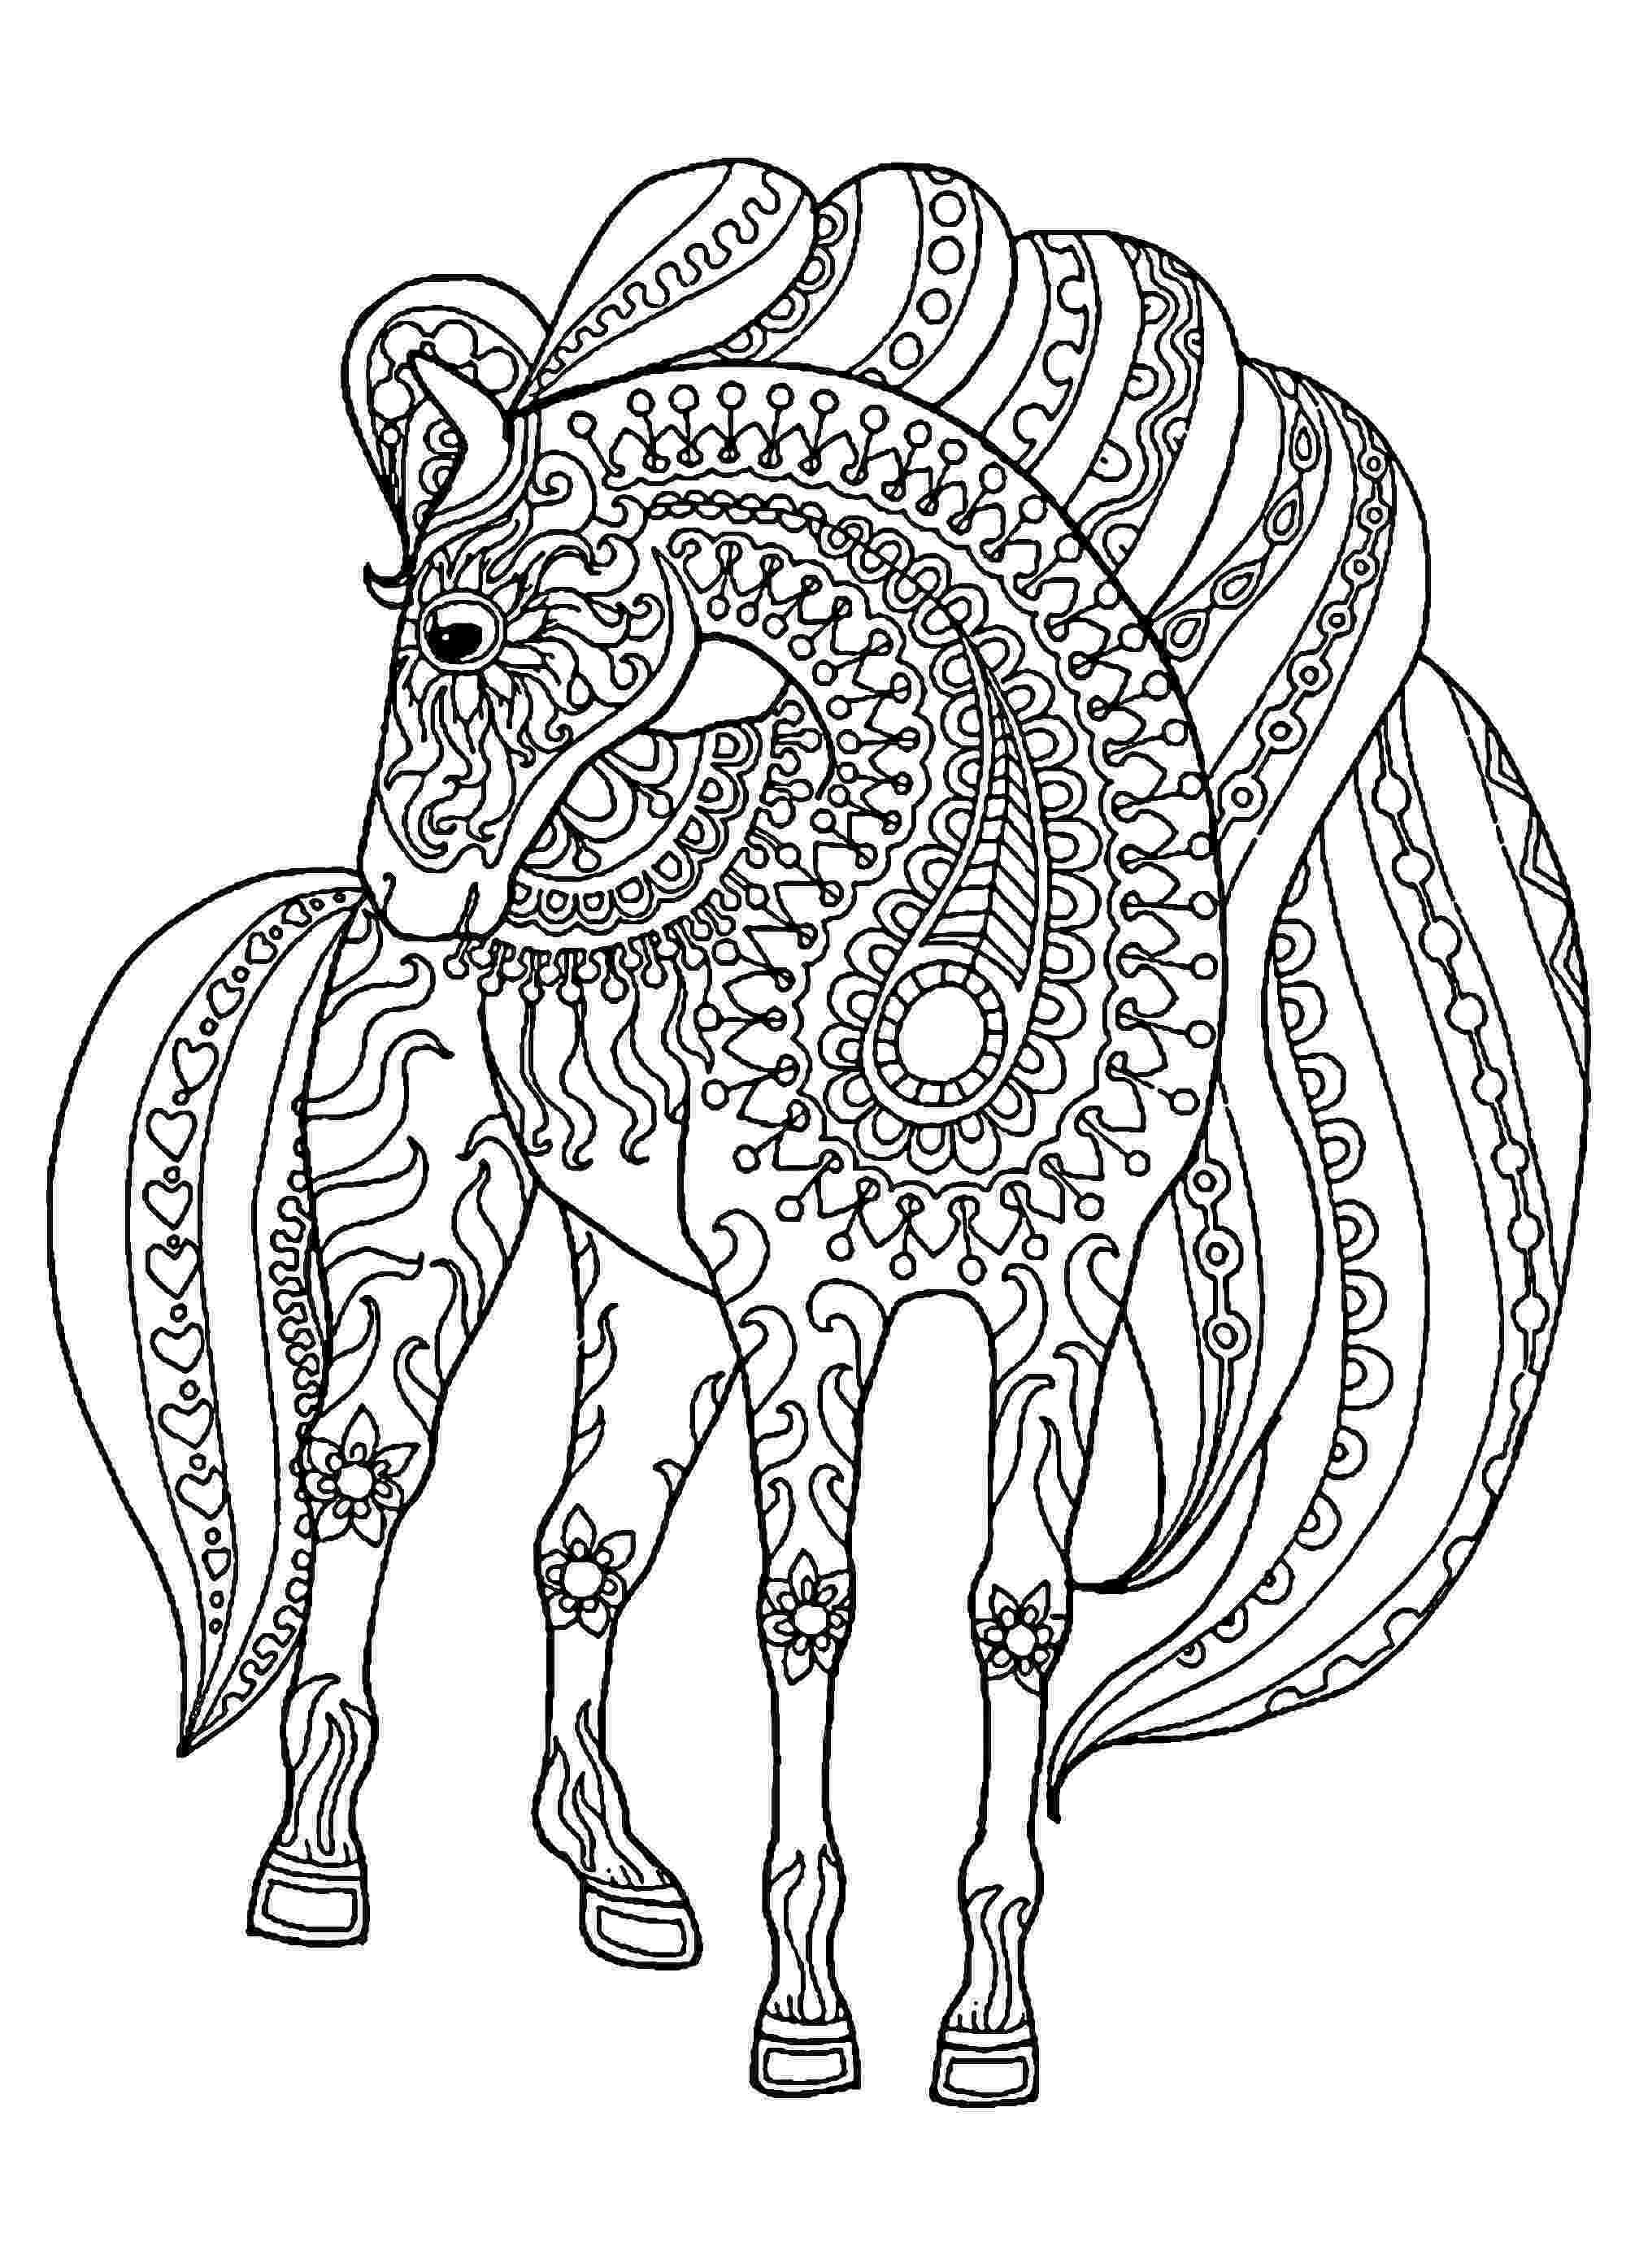 coloring pics of horses cute horse coloring pages getcoloringpagescom pics coloring horses of